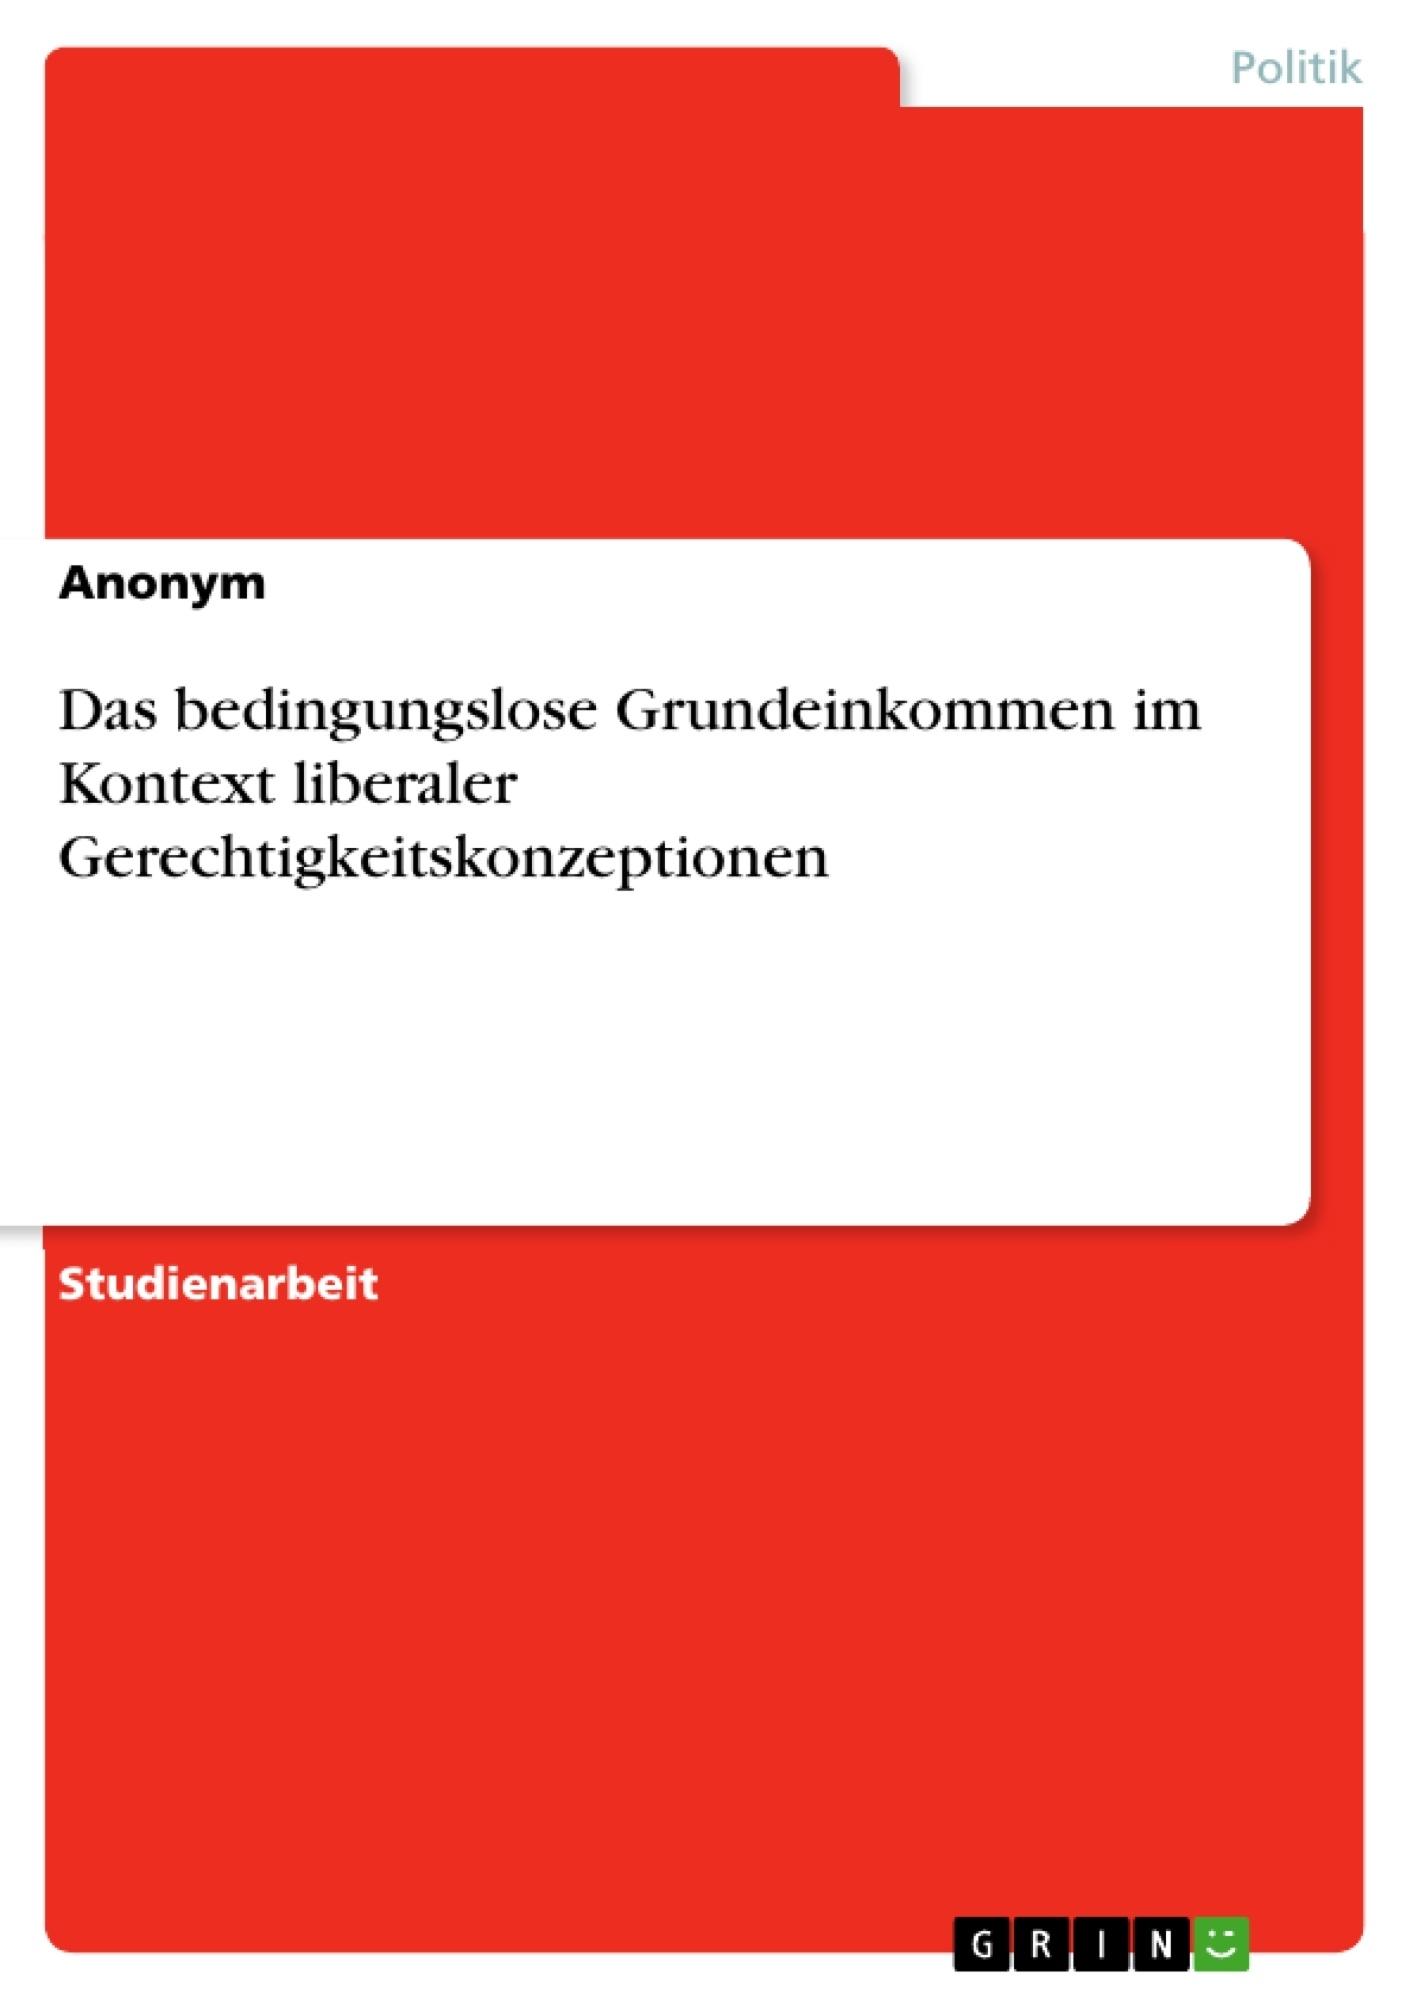 Titel: Das bedingungslose Grundeinkommen im Kontext liberaler Gerechtigkeitskonzeptionen